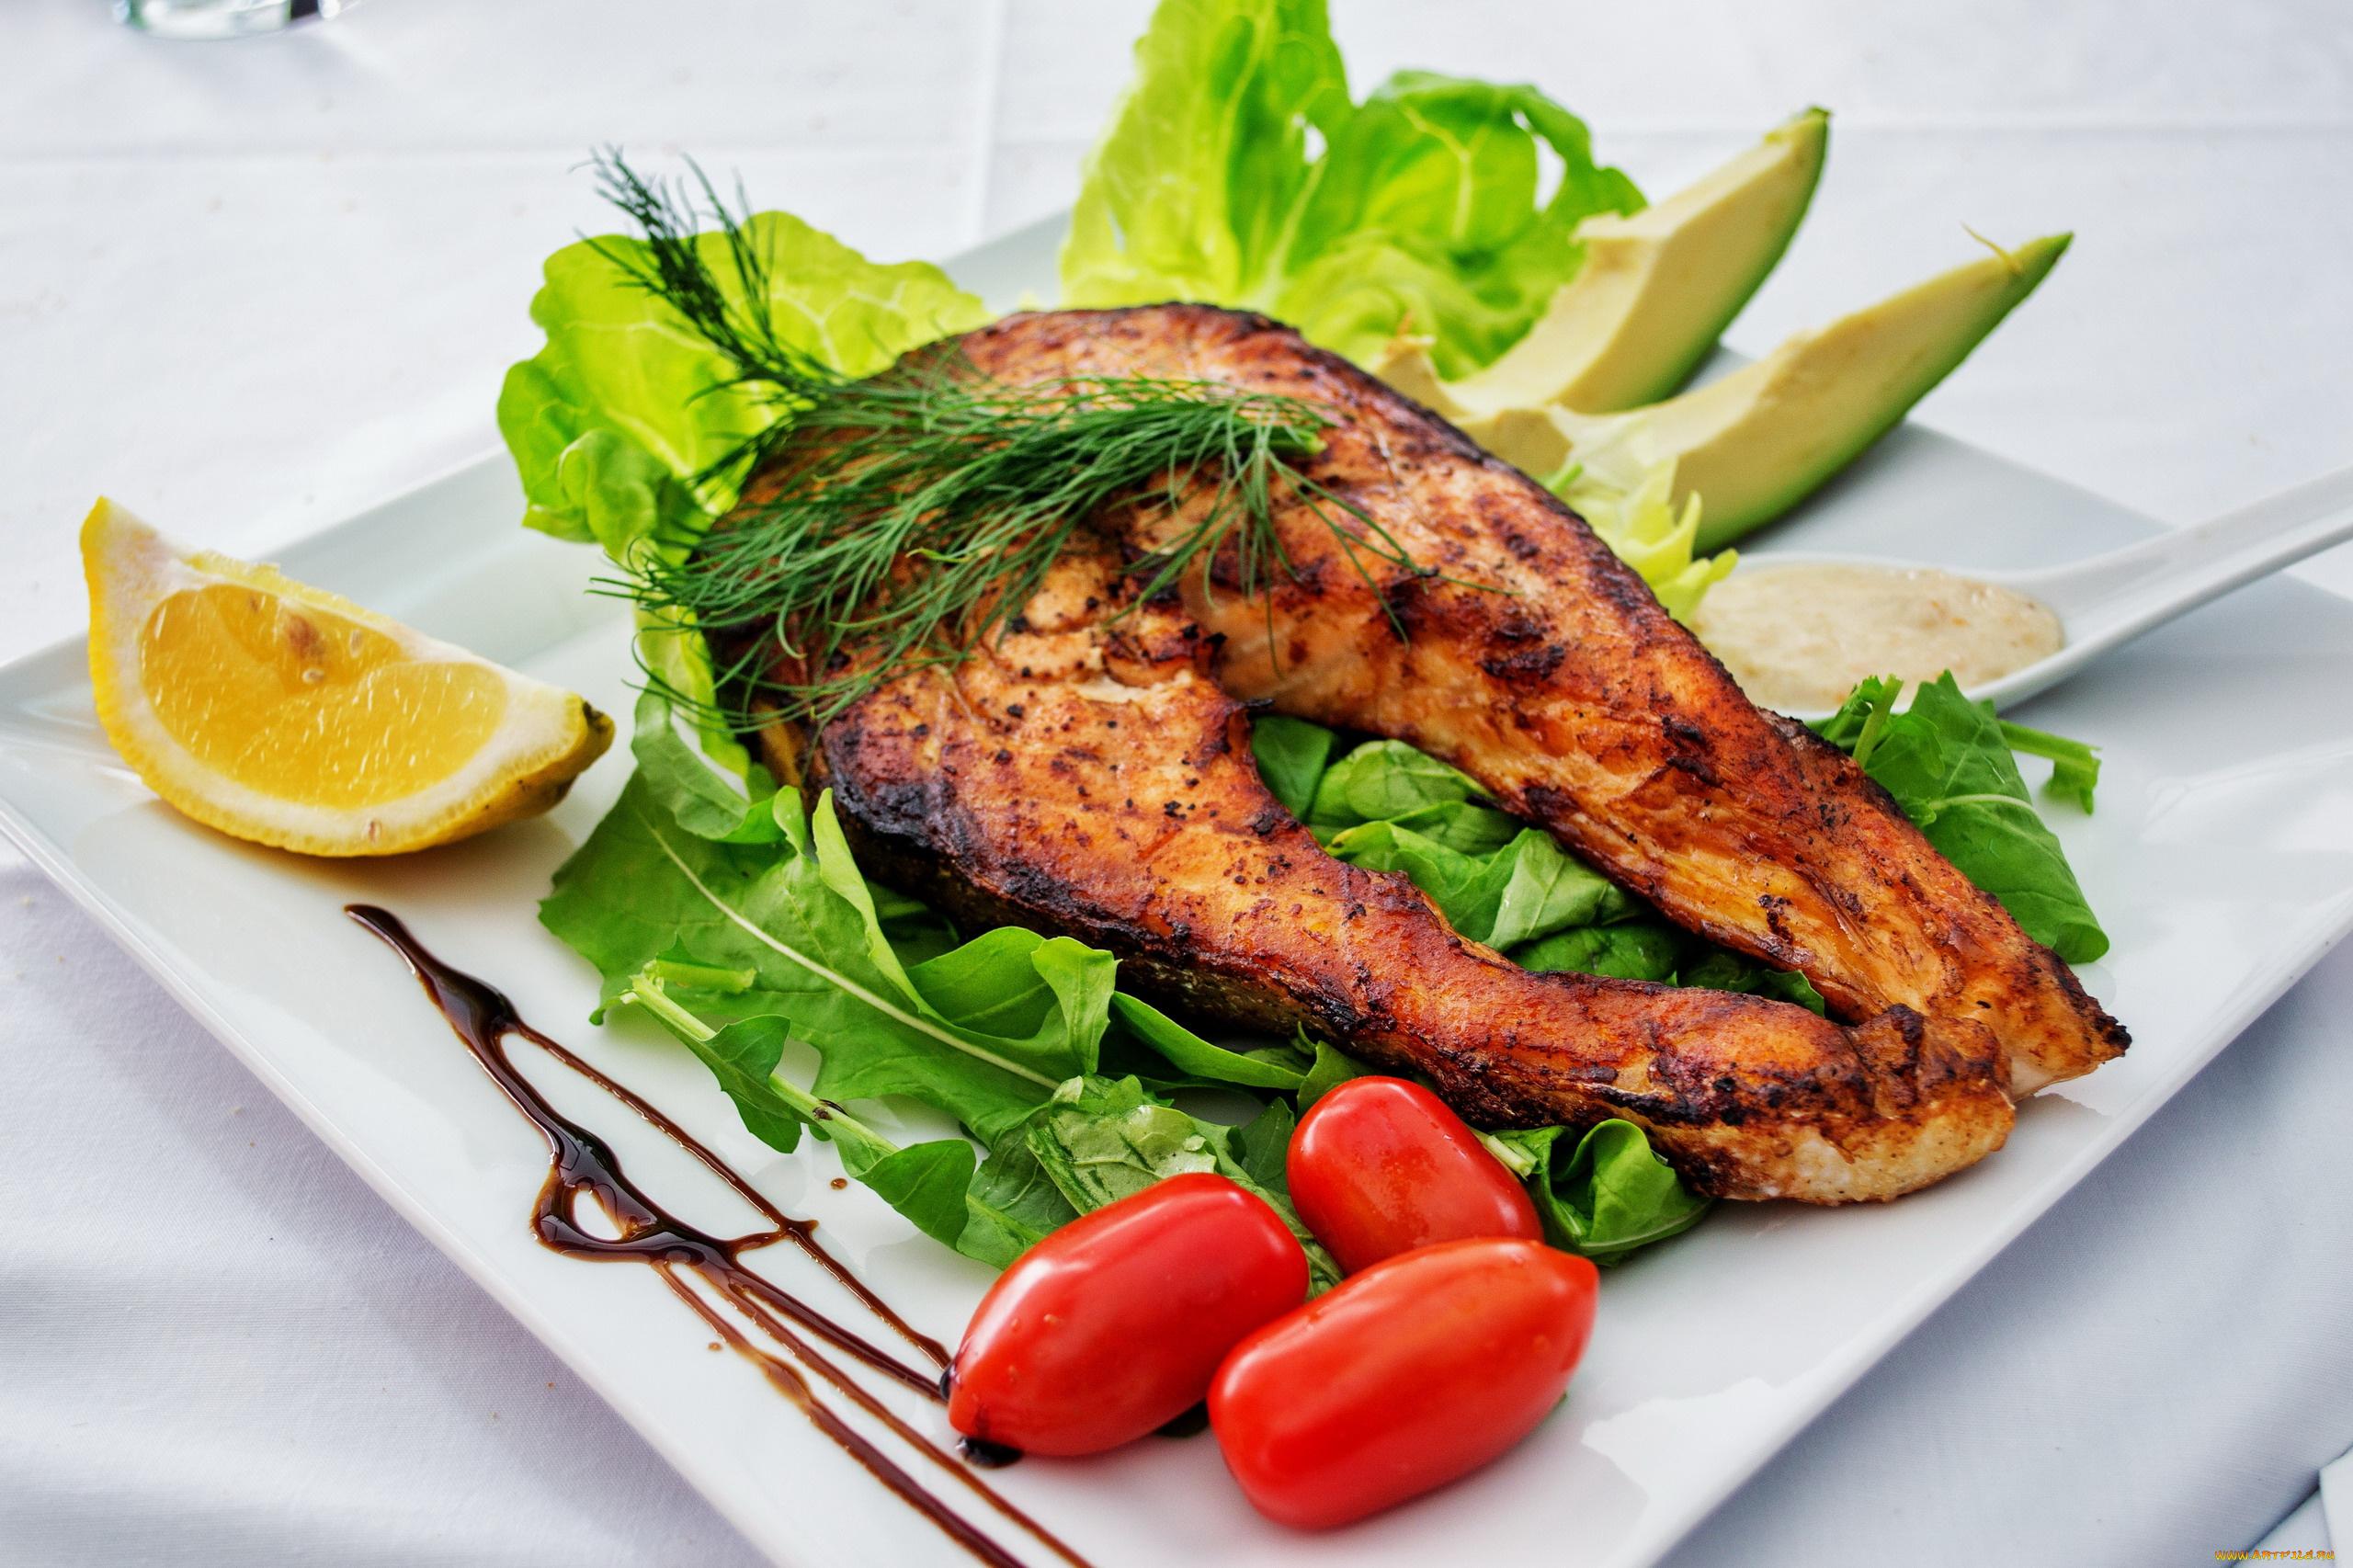 еда салаты рыба курица банкет  № 2124162 без смс